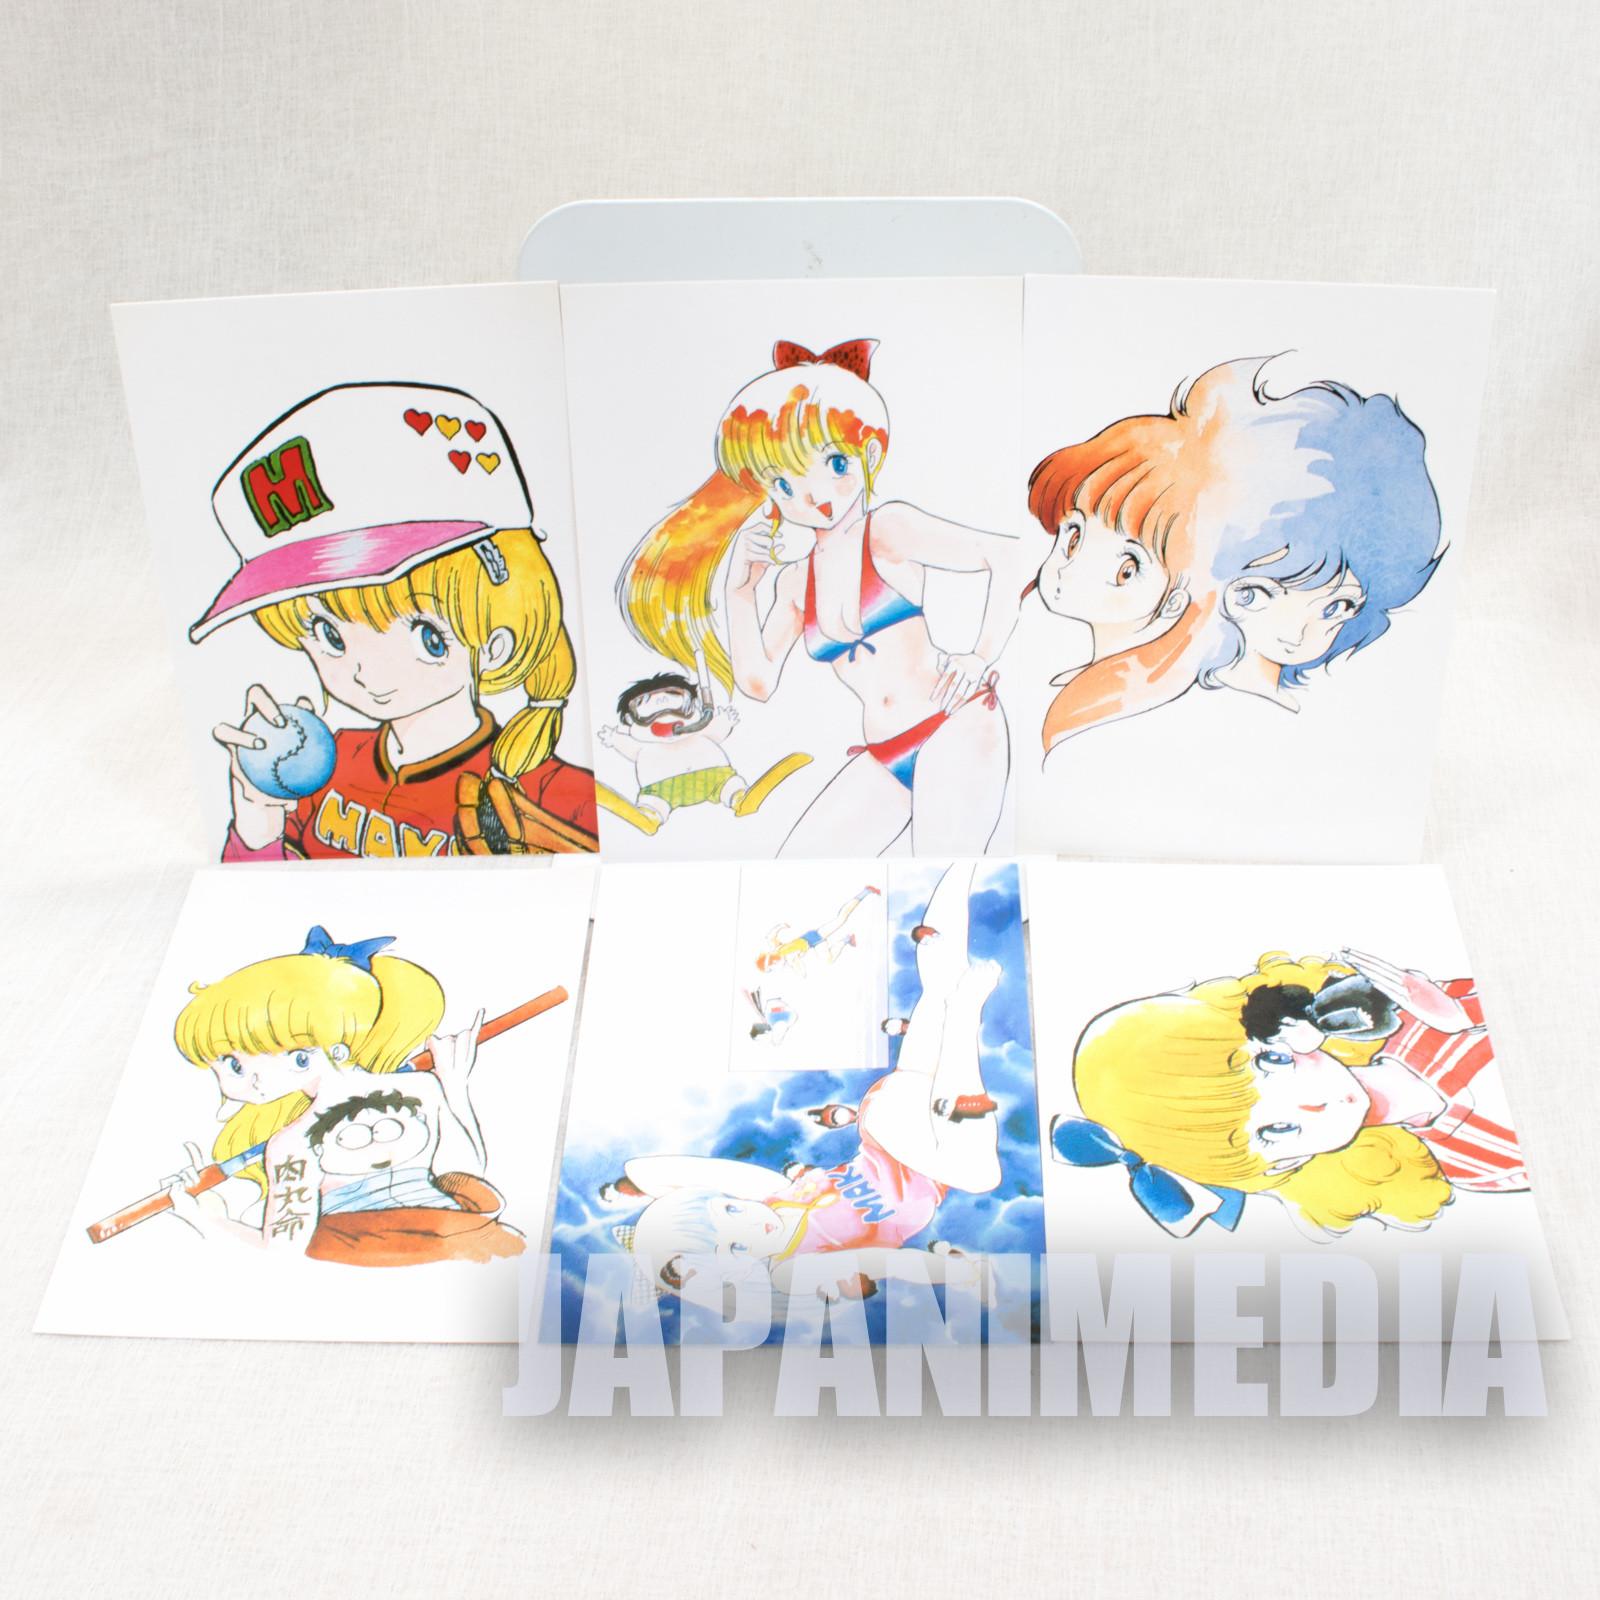 RARE! Sasuga no Sarutobi Nikumaru Mako Kiriga Post Card 6pc Set JAPAN ANIME